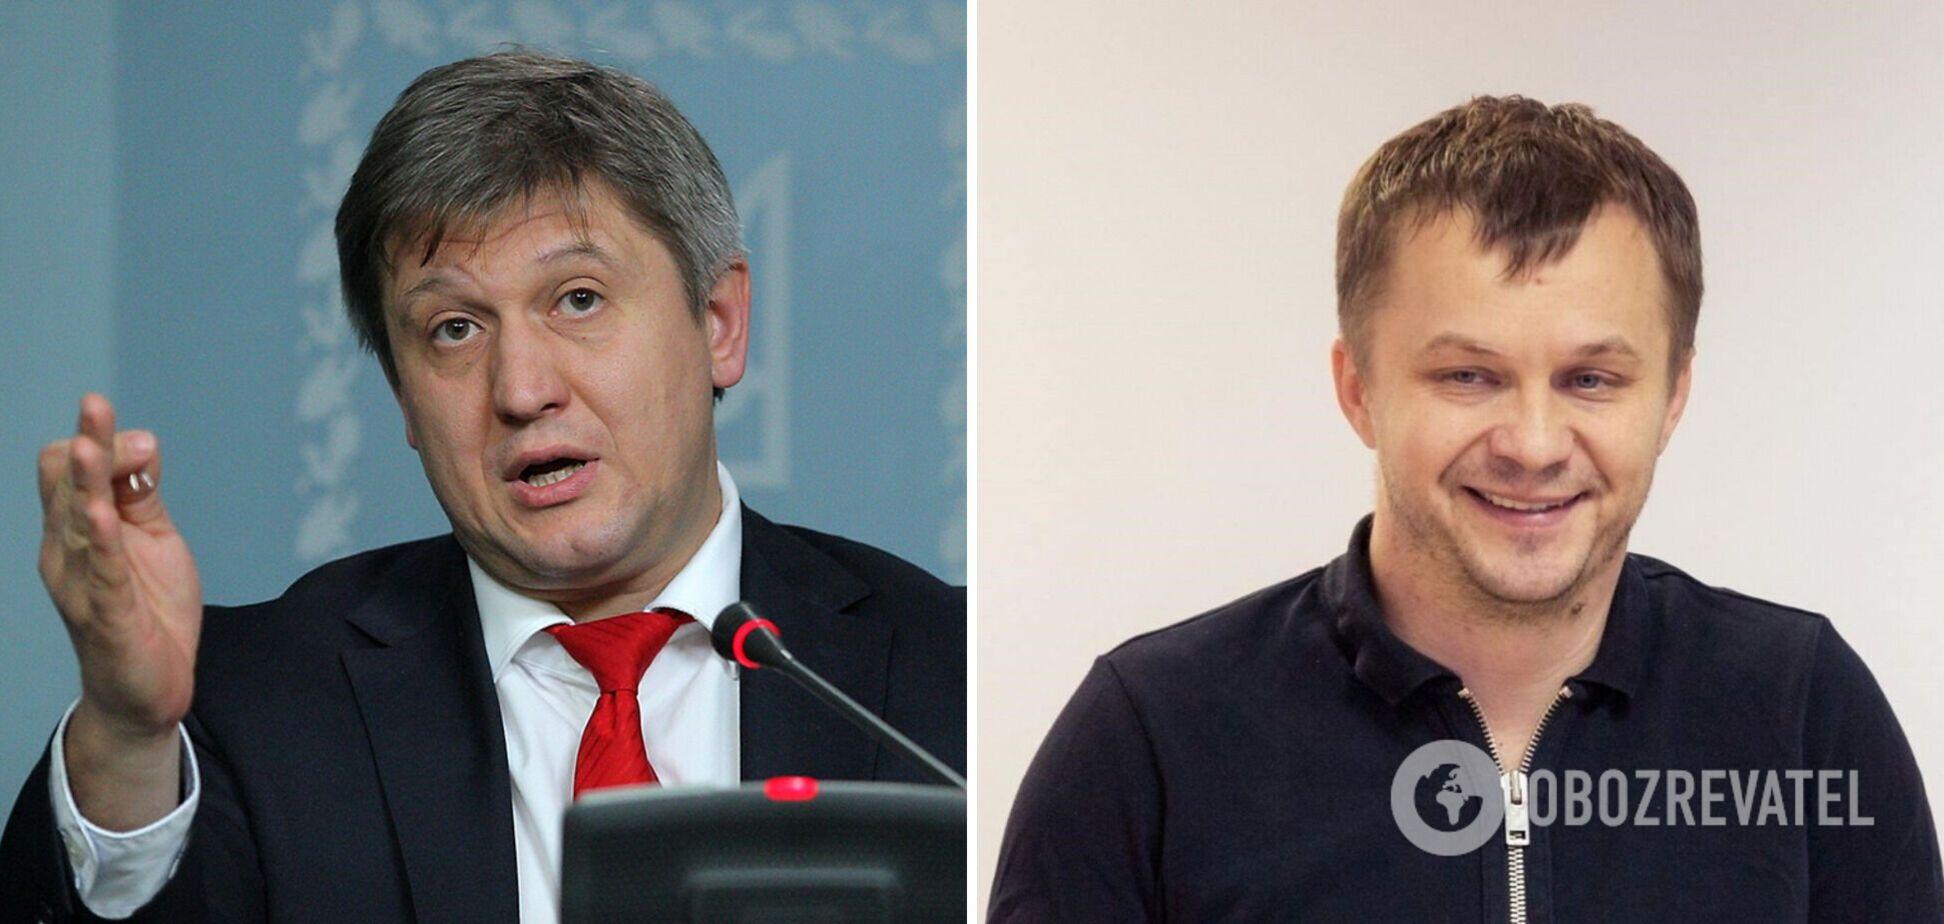 Данилюк вважає, що у Милованова був конфлікт інтересів